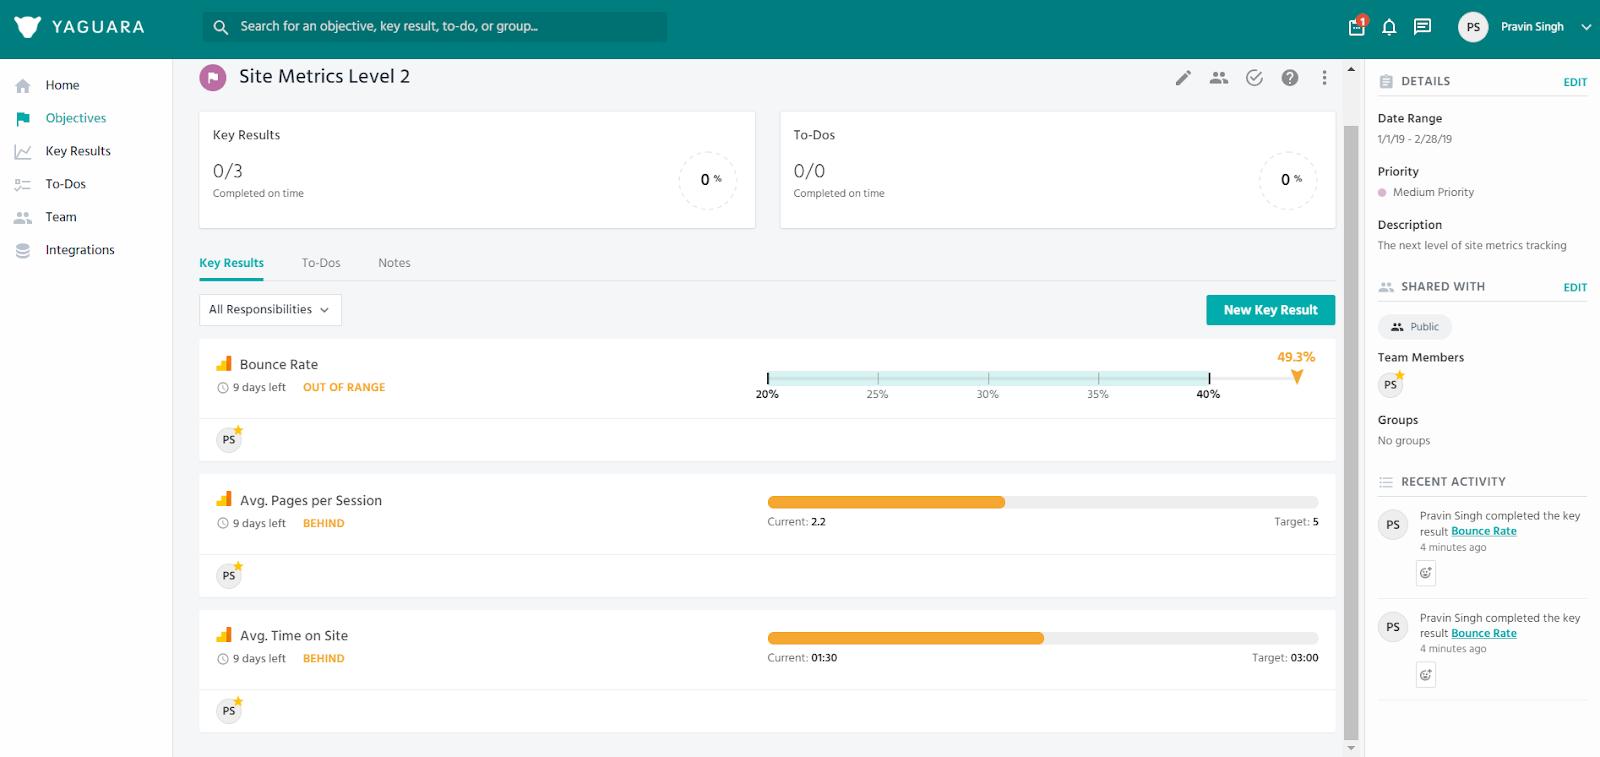 yaguara reporting tool for ecommerce data reporting